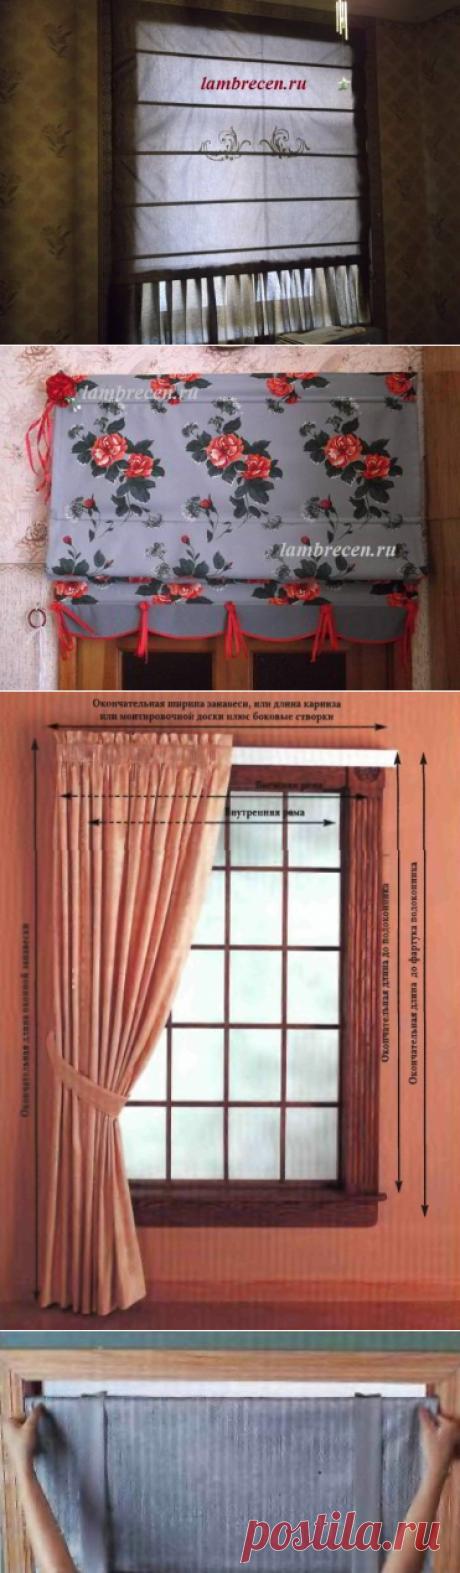 Мастер класс. Как сшить римские шторы своими руками из подручных материалов. - Nebka.Ru